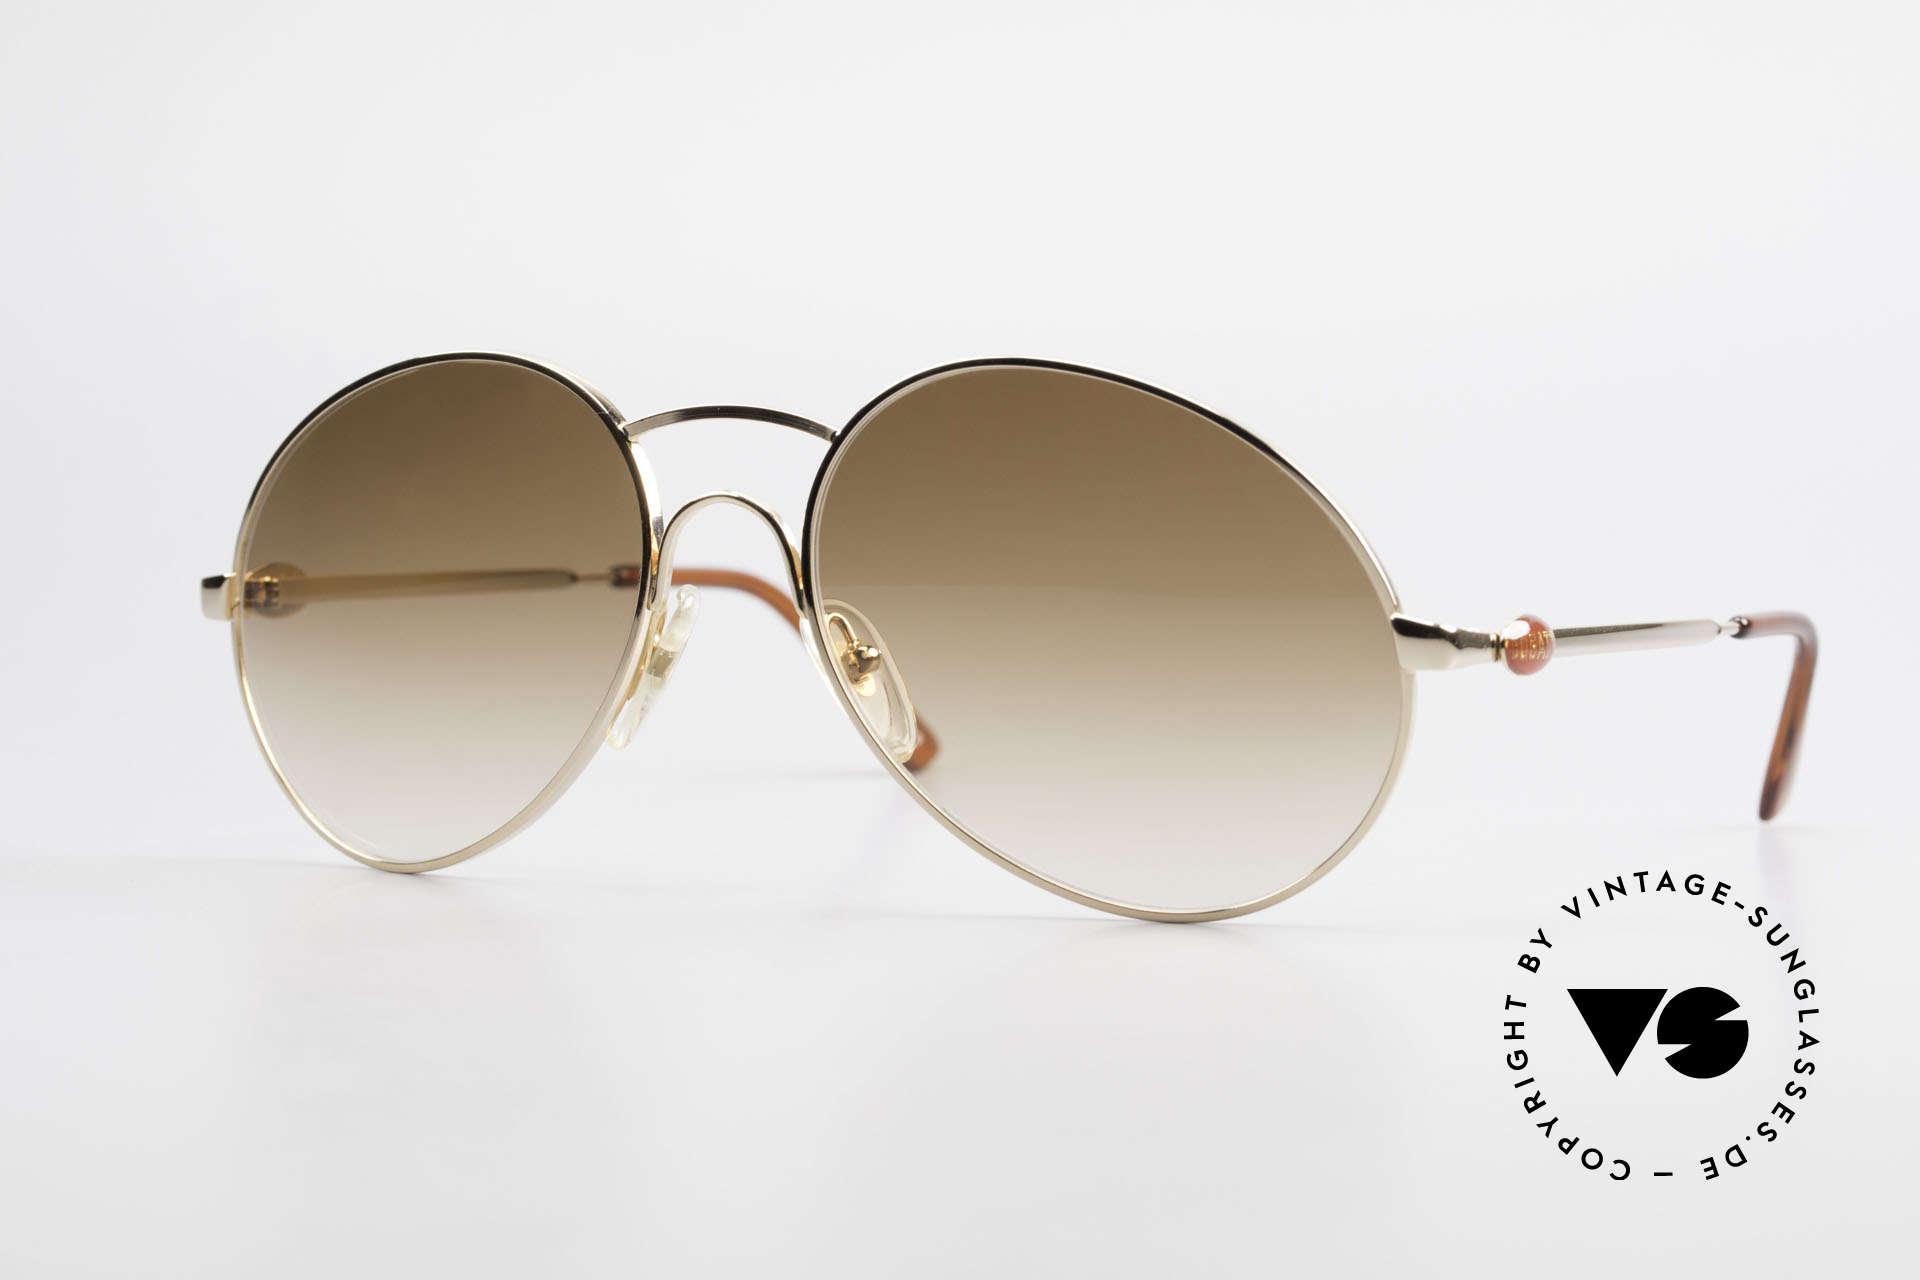 Bugatti 64947 Original 1980's XL Sunglasses, rare vintage Bugatti designer sunglasses from 1983, Made for Men